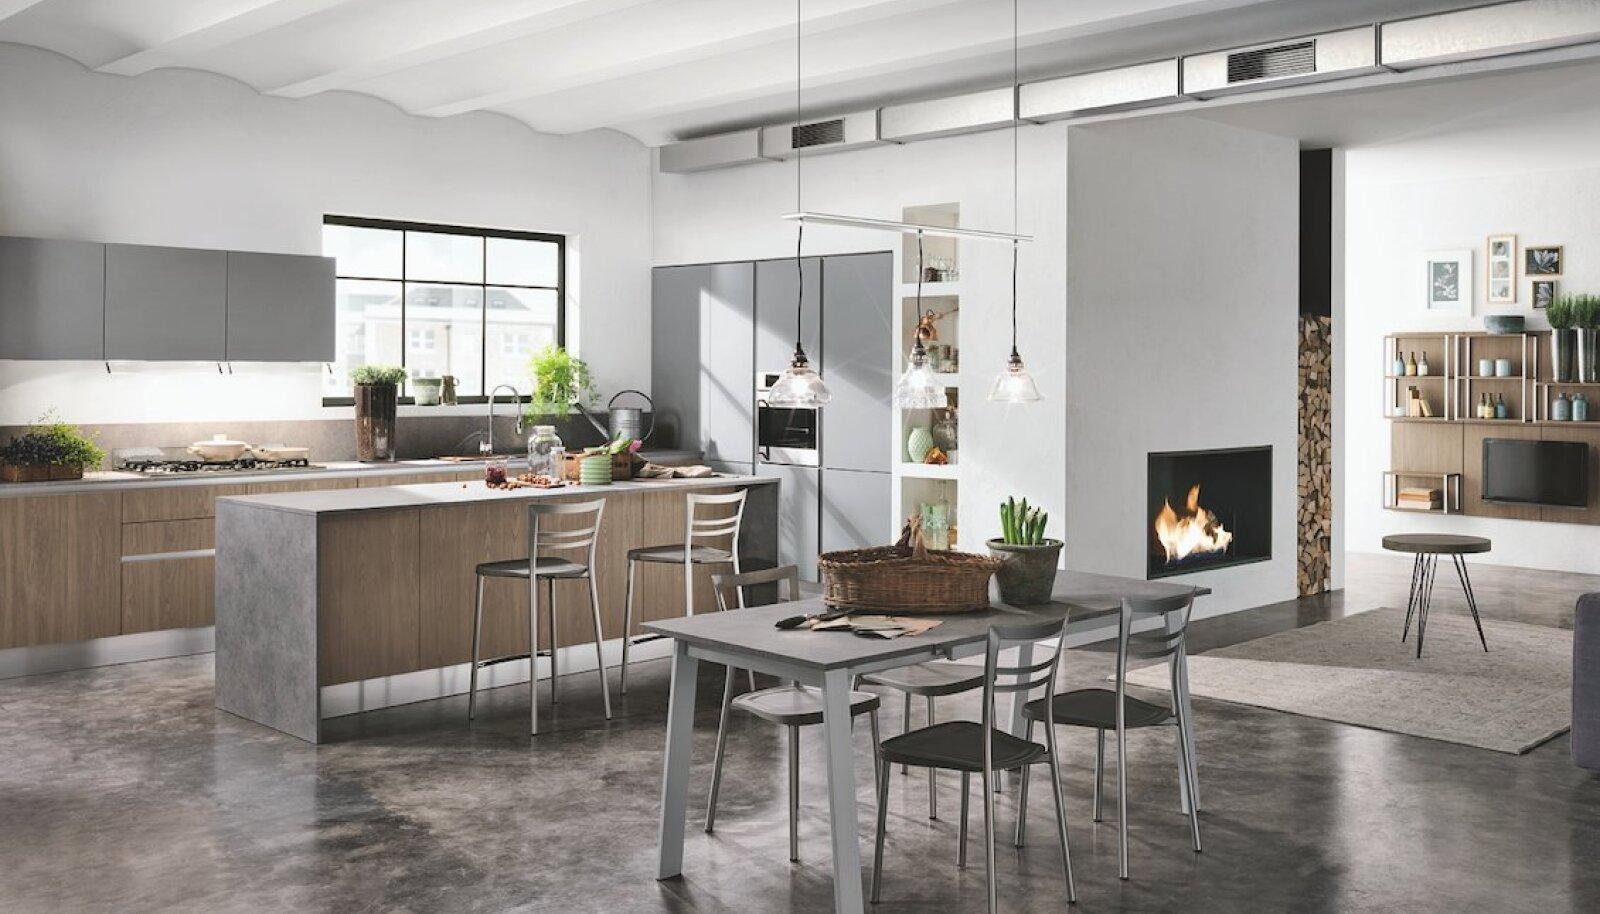 Итальянское семейное предприятие Colombini Casa с более чем 50-летней историей к настоящему времени превратилось в ведущего мирового производителя мебели и нашло дорогу в дома и сердца многих семей.